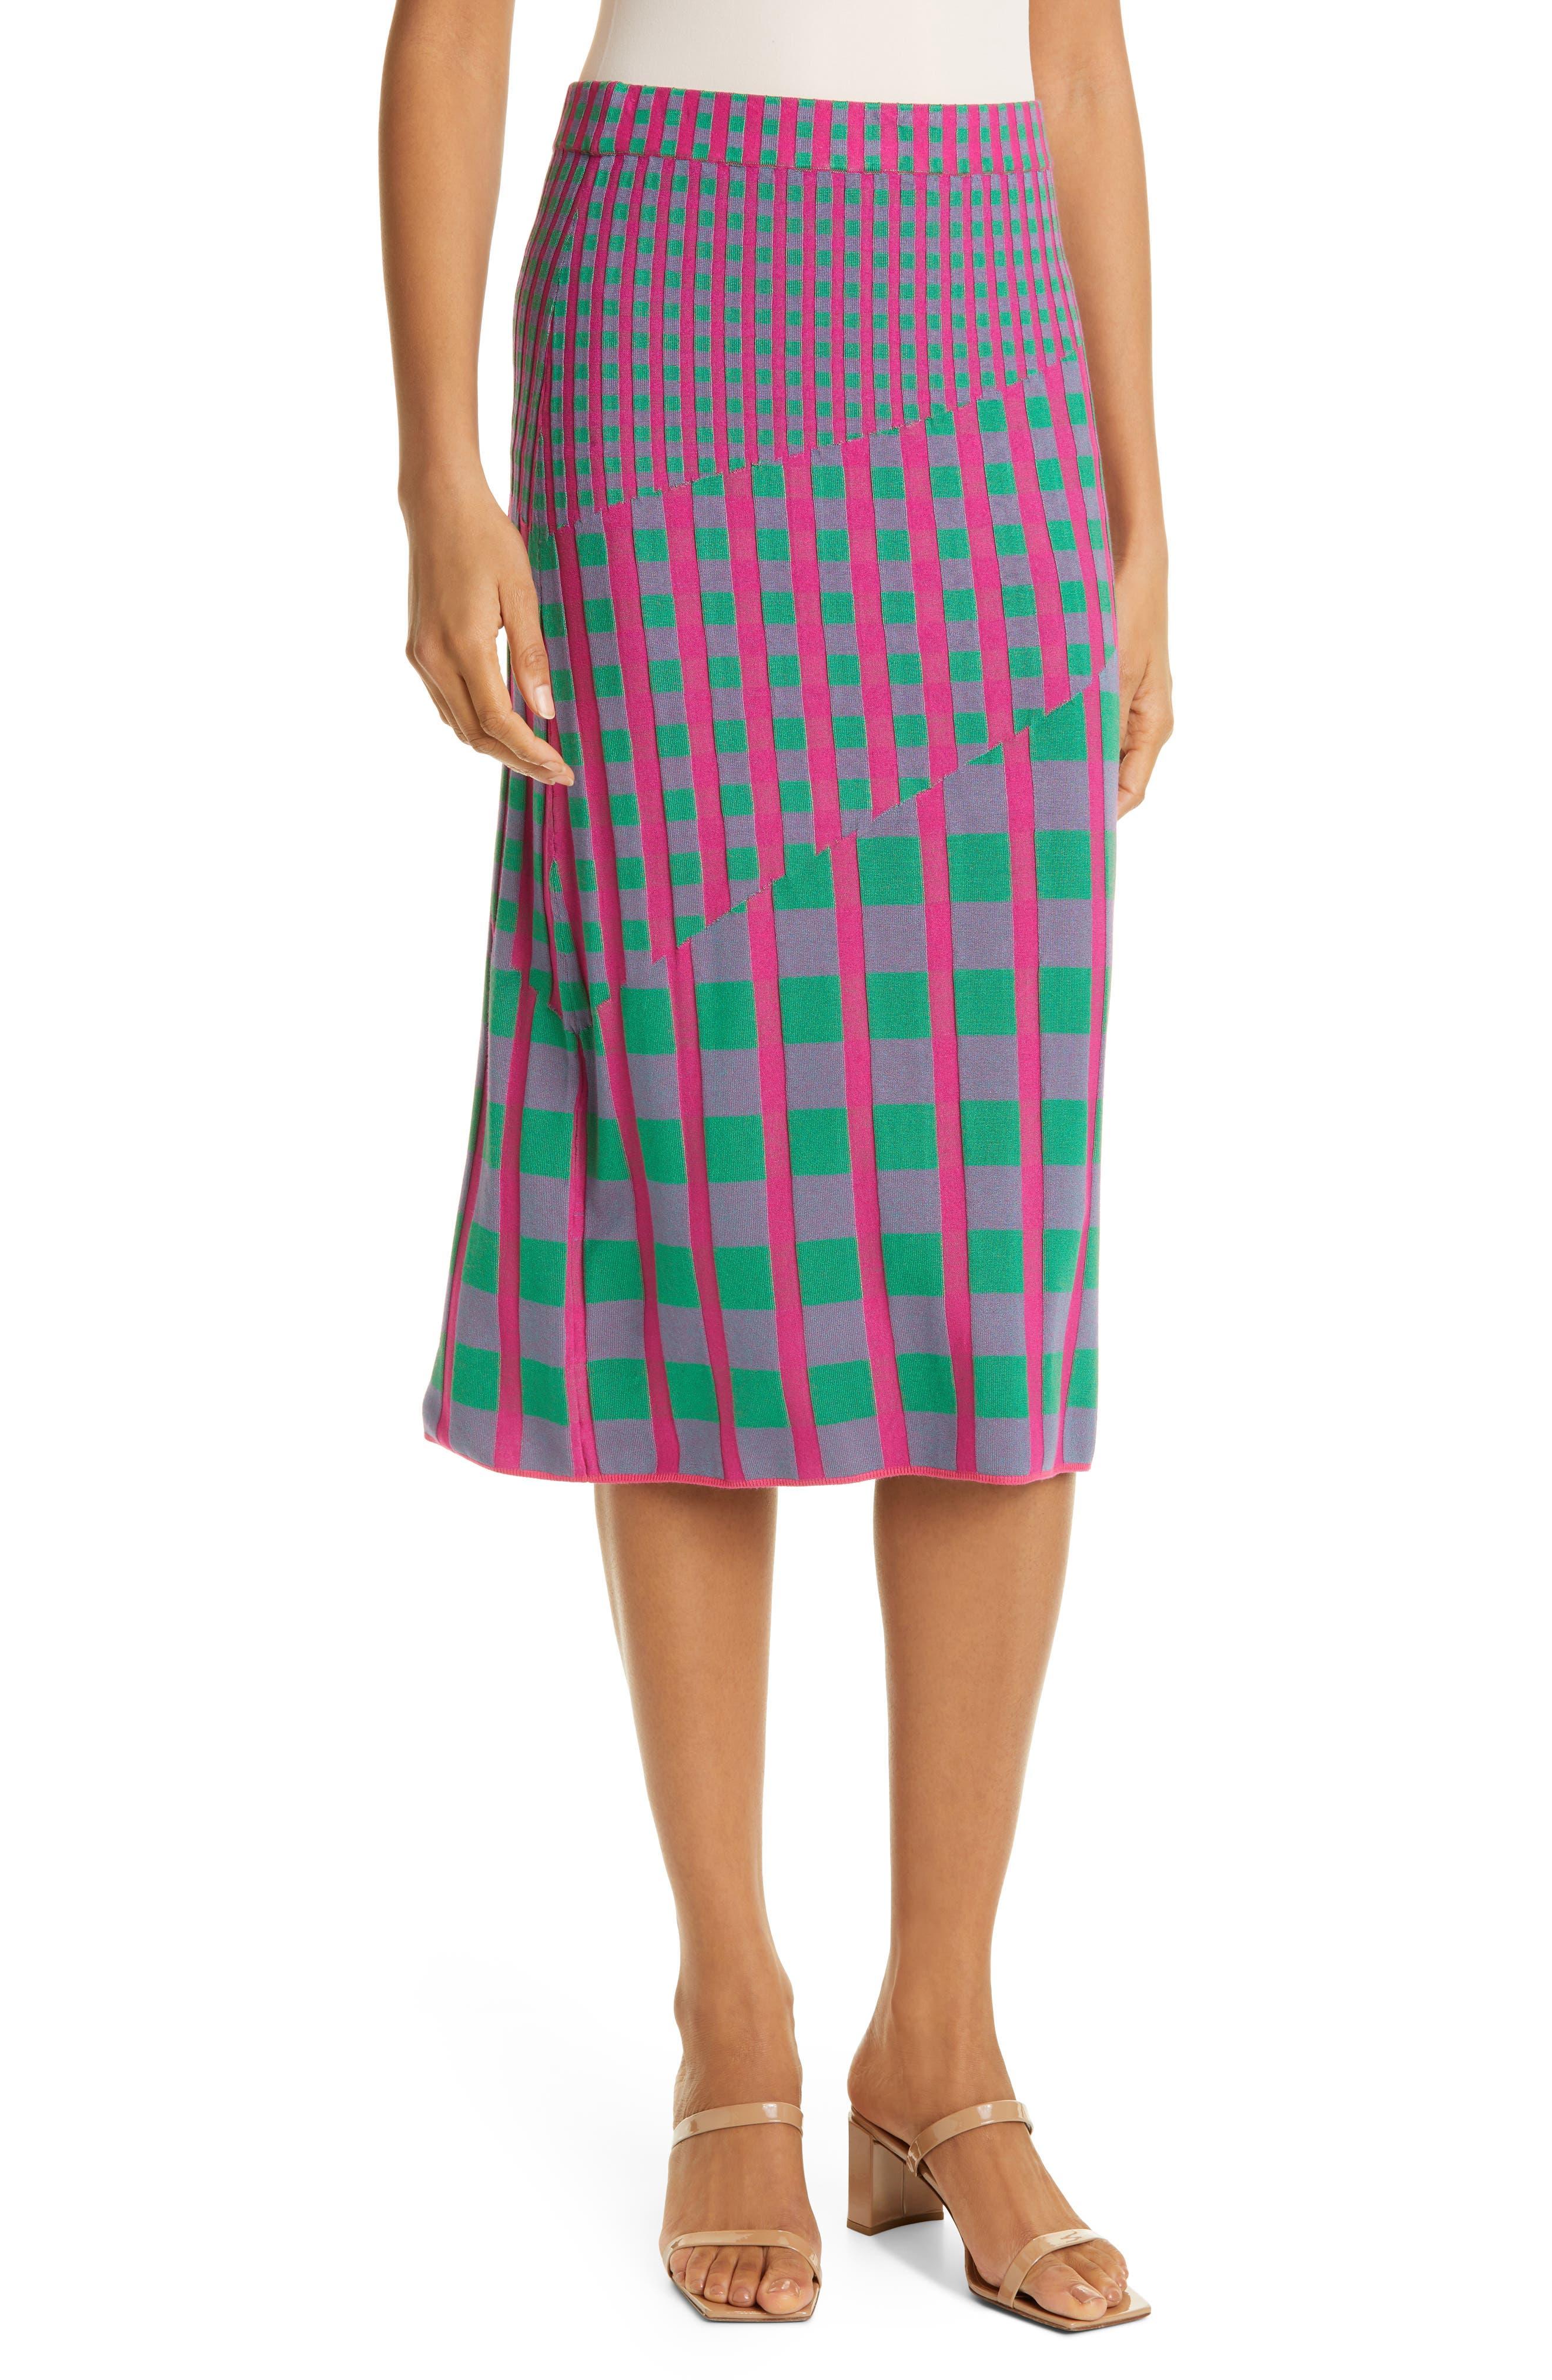 Rosa Ribbed Knit Skirt